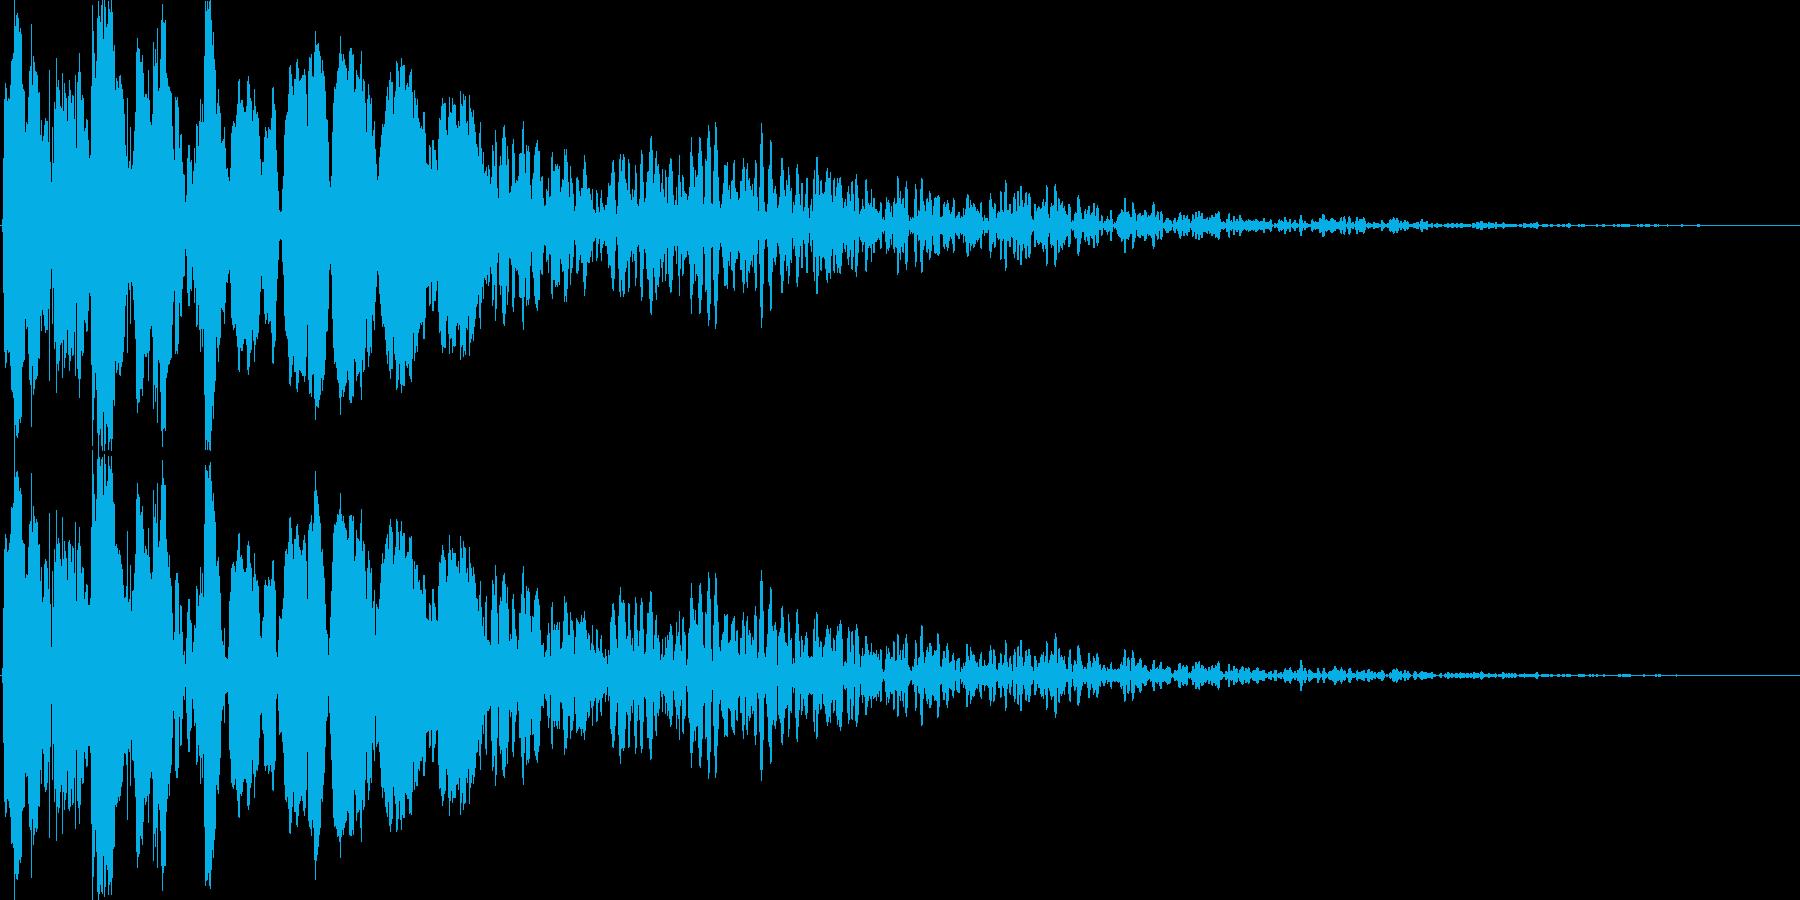 [打撃]必殺技・強力な物理攻撃の再生済みの波形